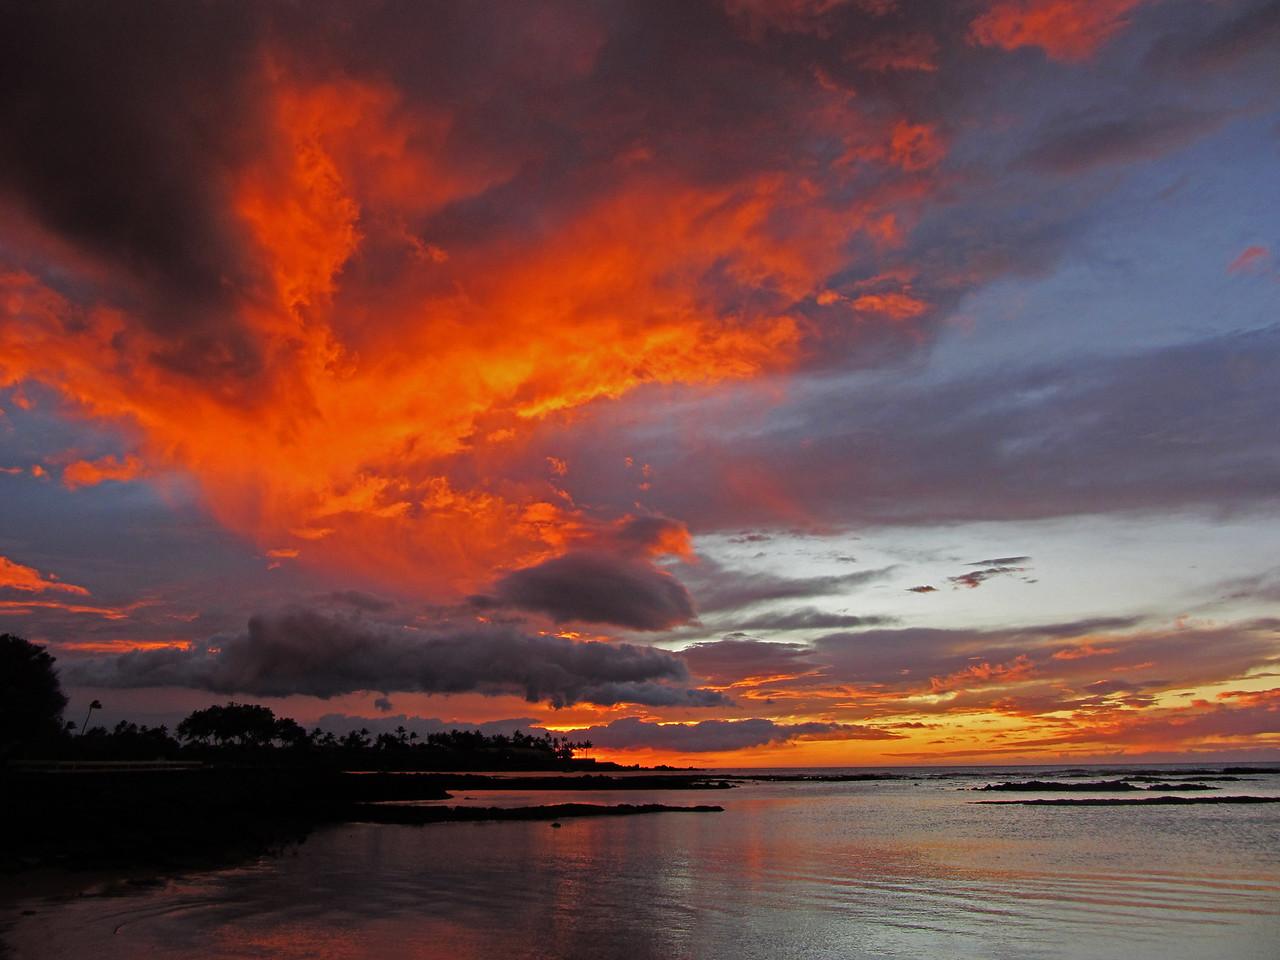 Sunset along the Kona Coast, Hawaii.